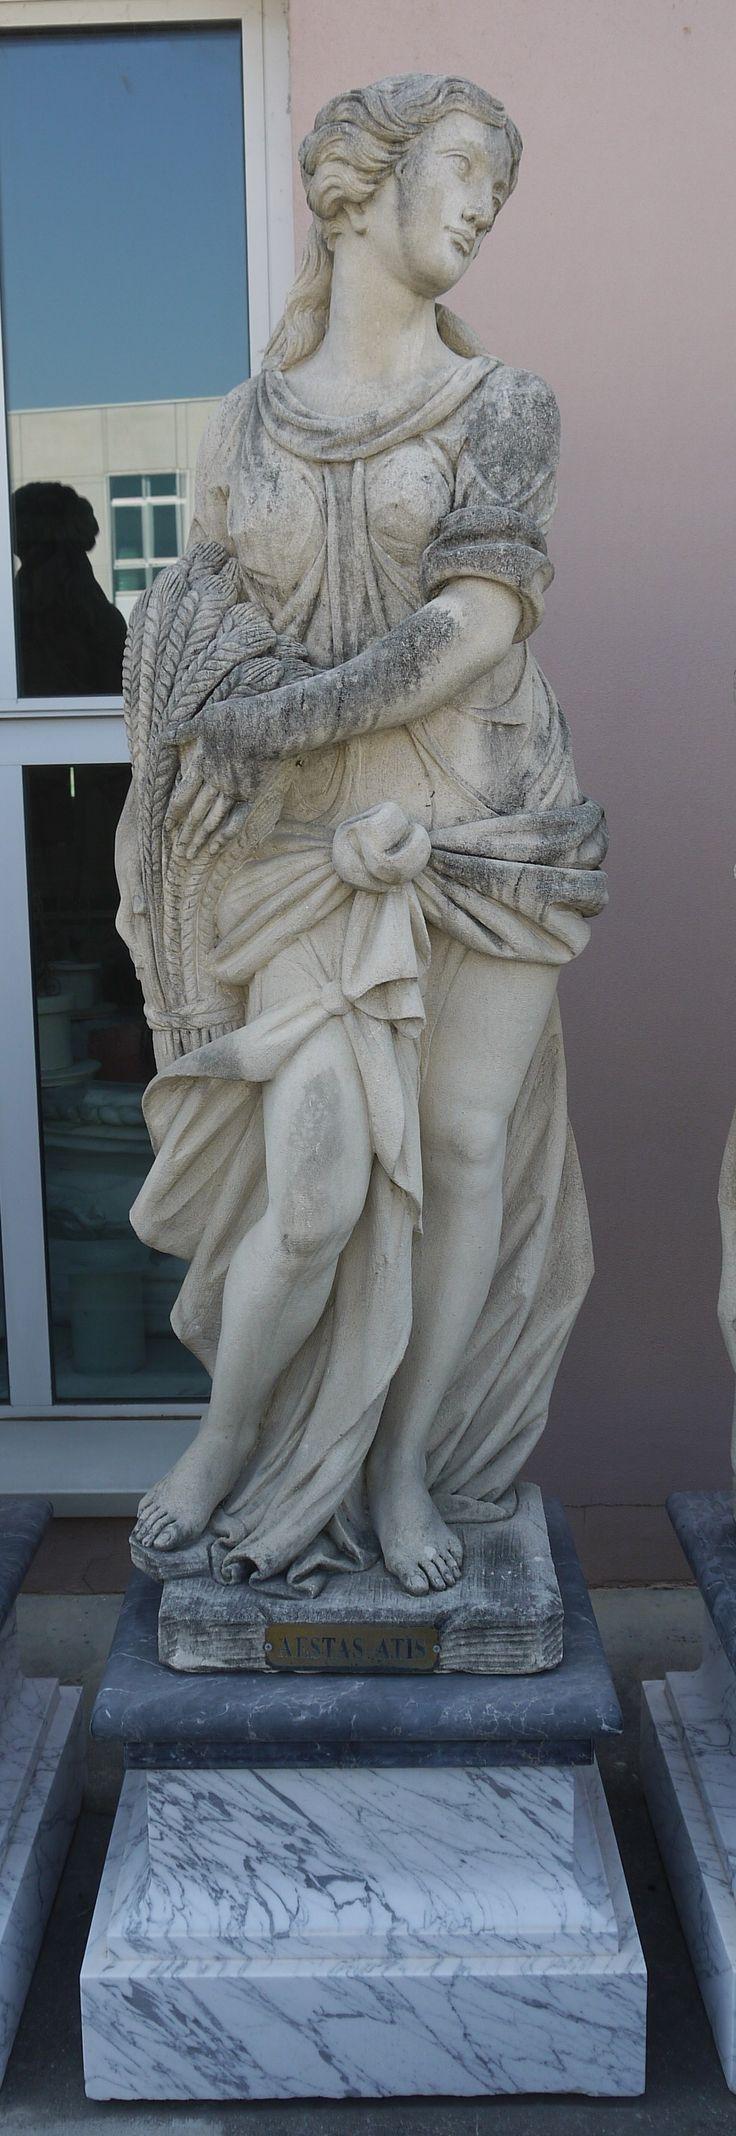 Scultura in pietra l'Estate delle 4 stagioni - http://test.achillegrassi.com/project/scultura-in-pietra-lestate-delle-4-stagioni/ - Splendido esempio di scultura,in Pietra bianca di Vicenza, raffigurante l'Estate delle 4 stagioni . Da notare la cura dei dettagli delle decorazioni realizzati dai nostri abili scalpellini.  Dimensioni: Scultura in Pietra bianca  60cm x 45cm x 180cm (H)  Basamento in marmo Carrara e Nero Marquina  65cm x 65cm x 50cm (H)